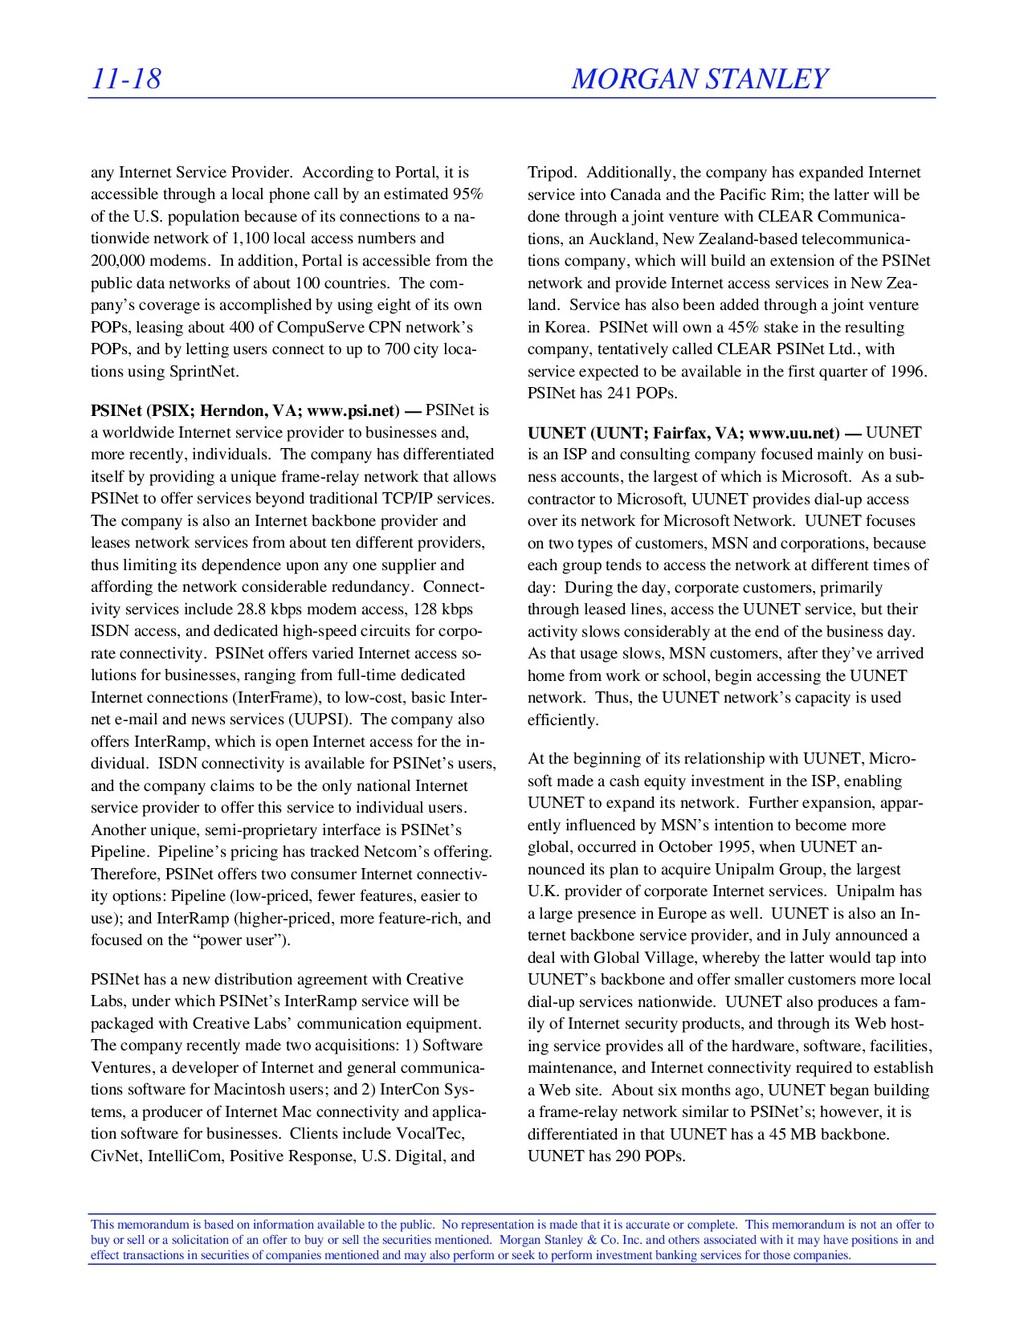 11-18 MORGAN STANLEY This memorandum is based o...